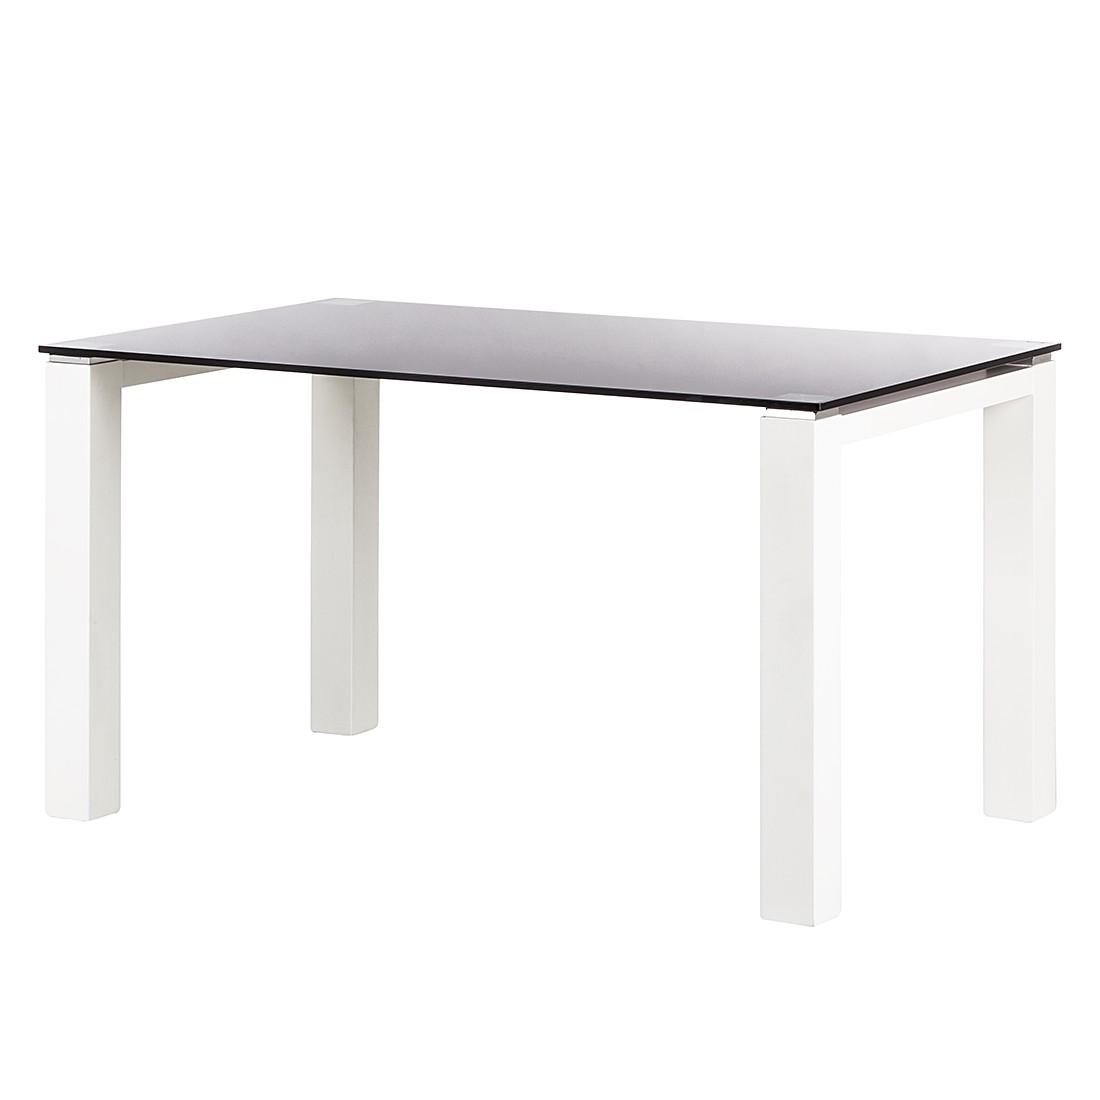 Glastisch Palma – Schwarz Glas/Lack Weiß – 180 x 90 cm, Niehoff jetzt kaufen